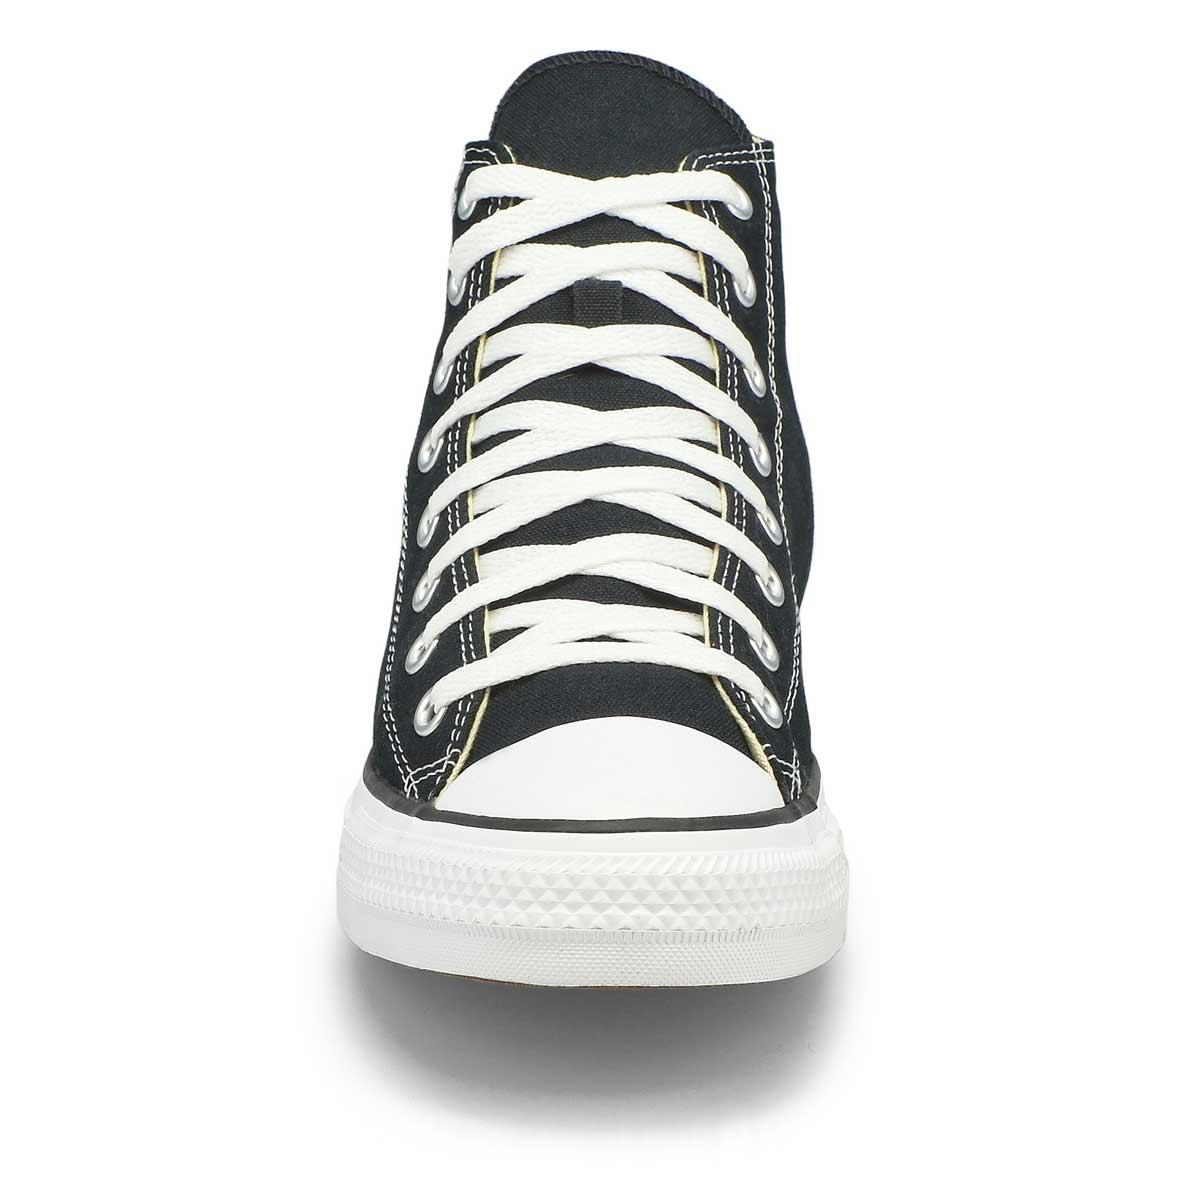 Mns CT All Star Core Hi blk sneaker